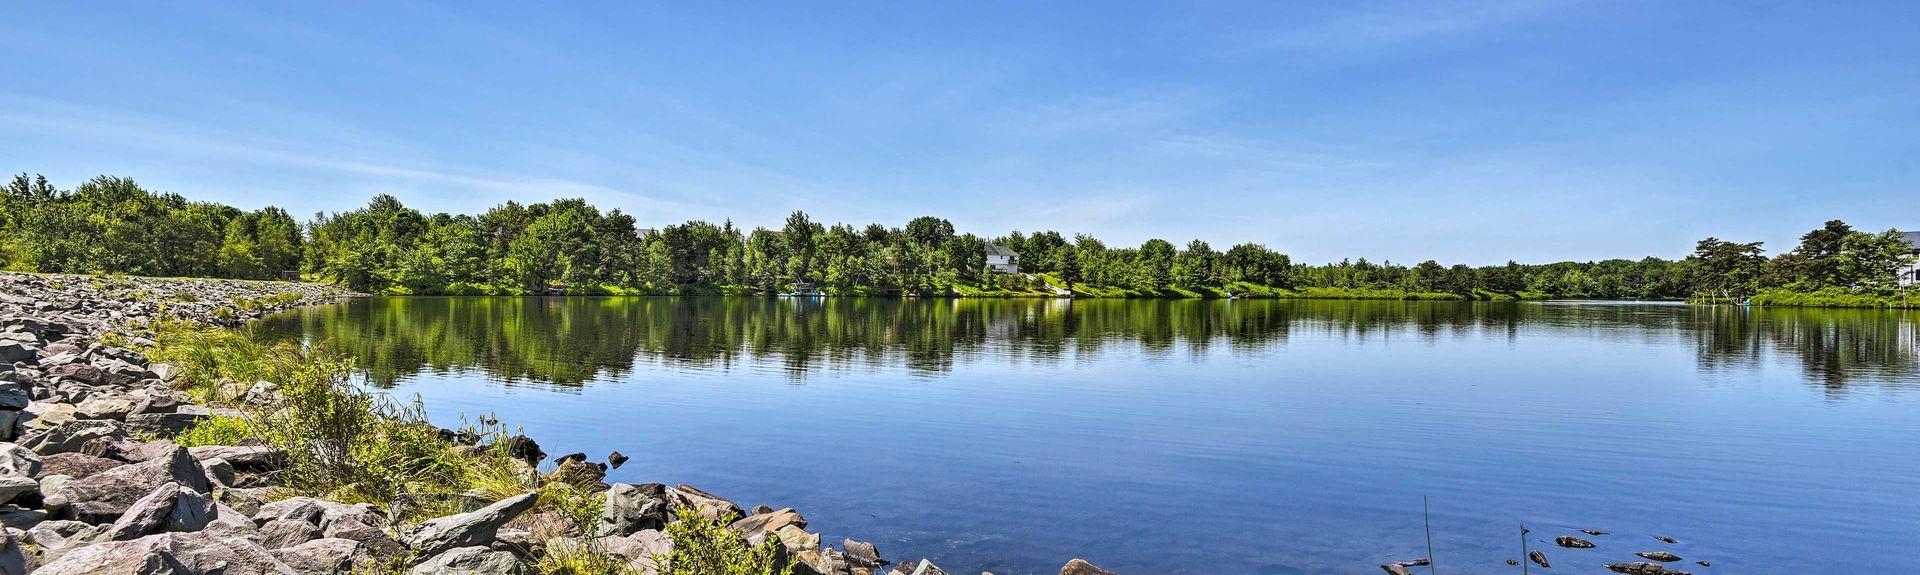 Beltzville Lake, Pennsylvania, USA